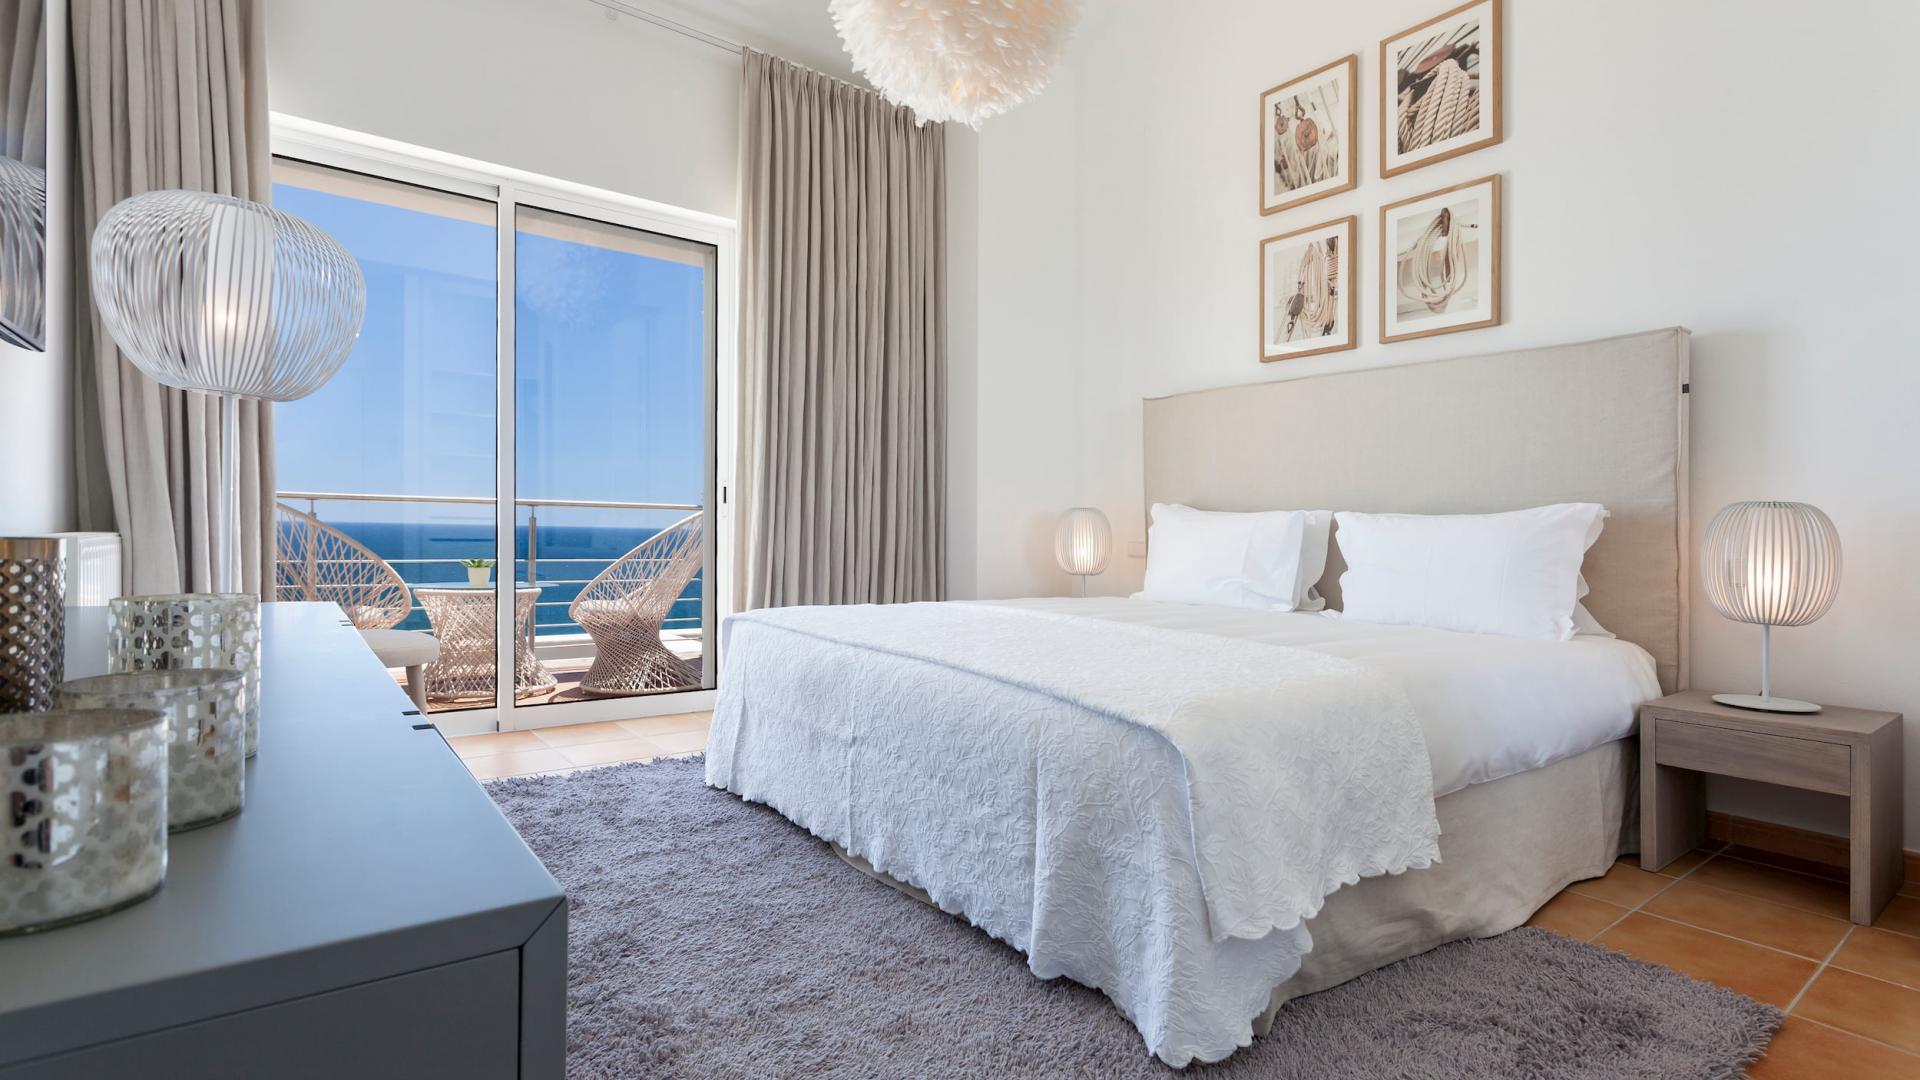 Villa Mar à Vista - 1st bedroom